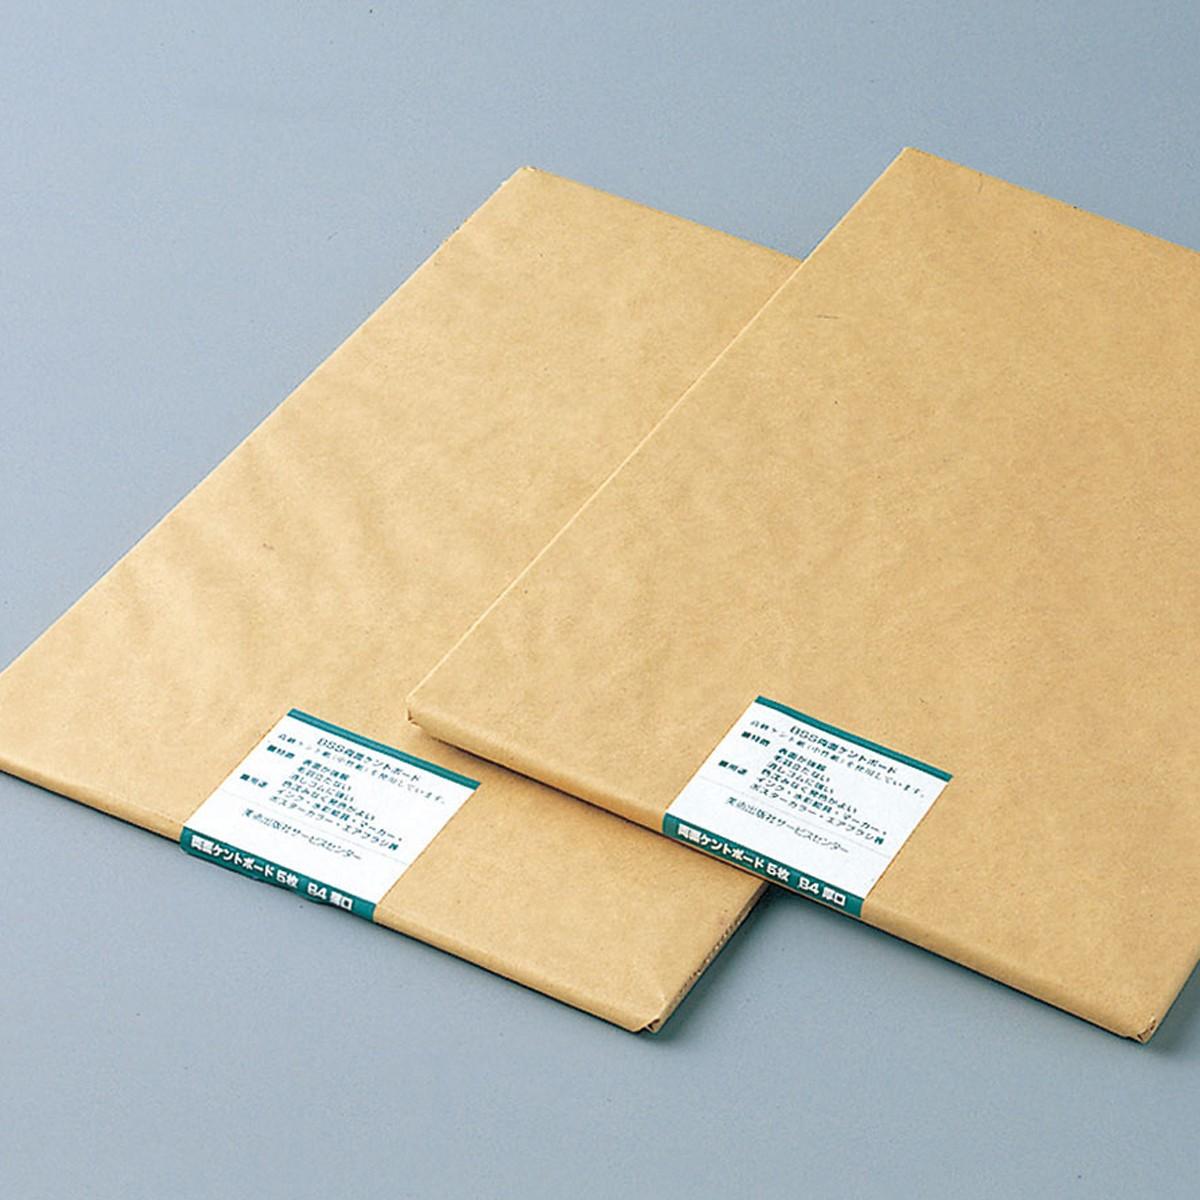 [ ゆうパケット可 ]  <当店オリジナル> ケント紙ボード 両面 厚口 A4 1枚 【 イラストボード ボード 紙 描画用紙 】